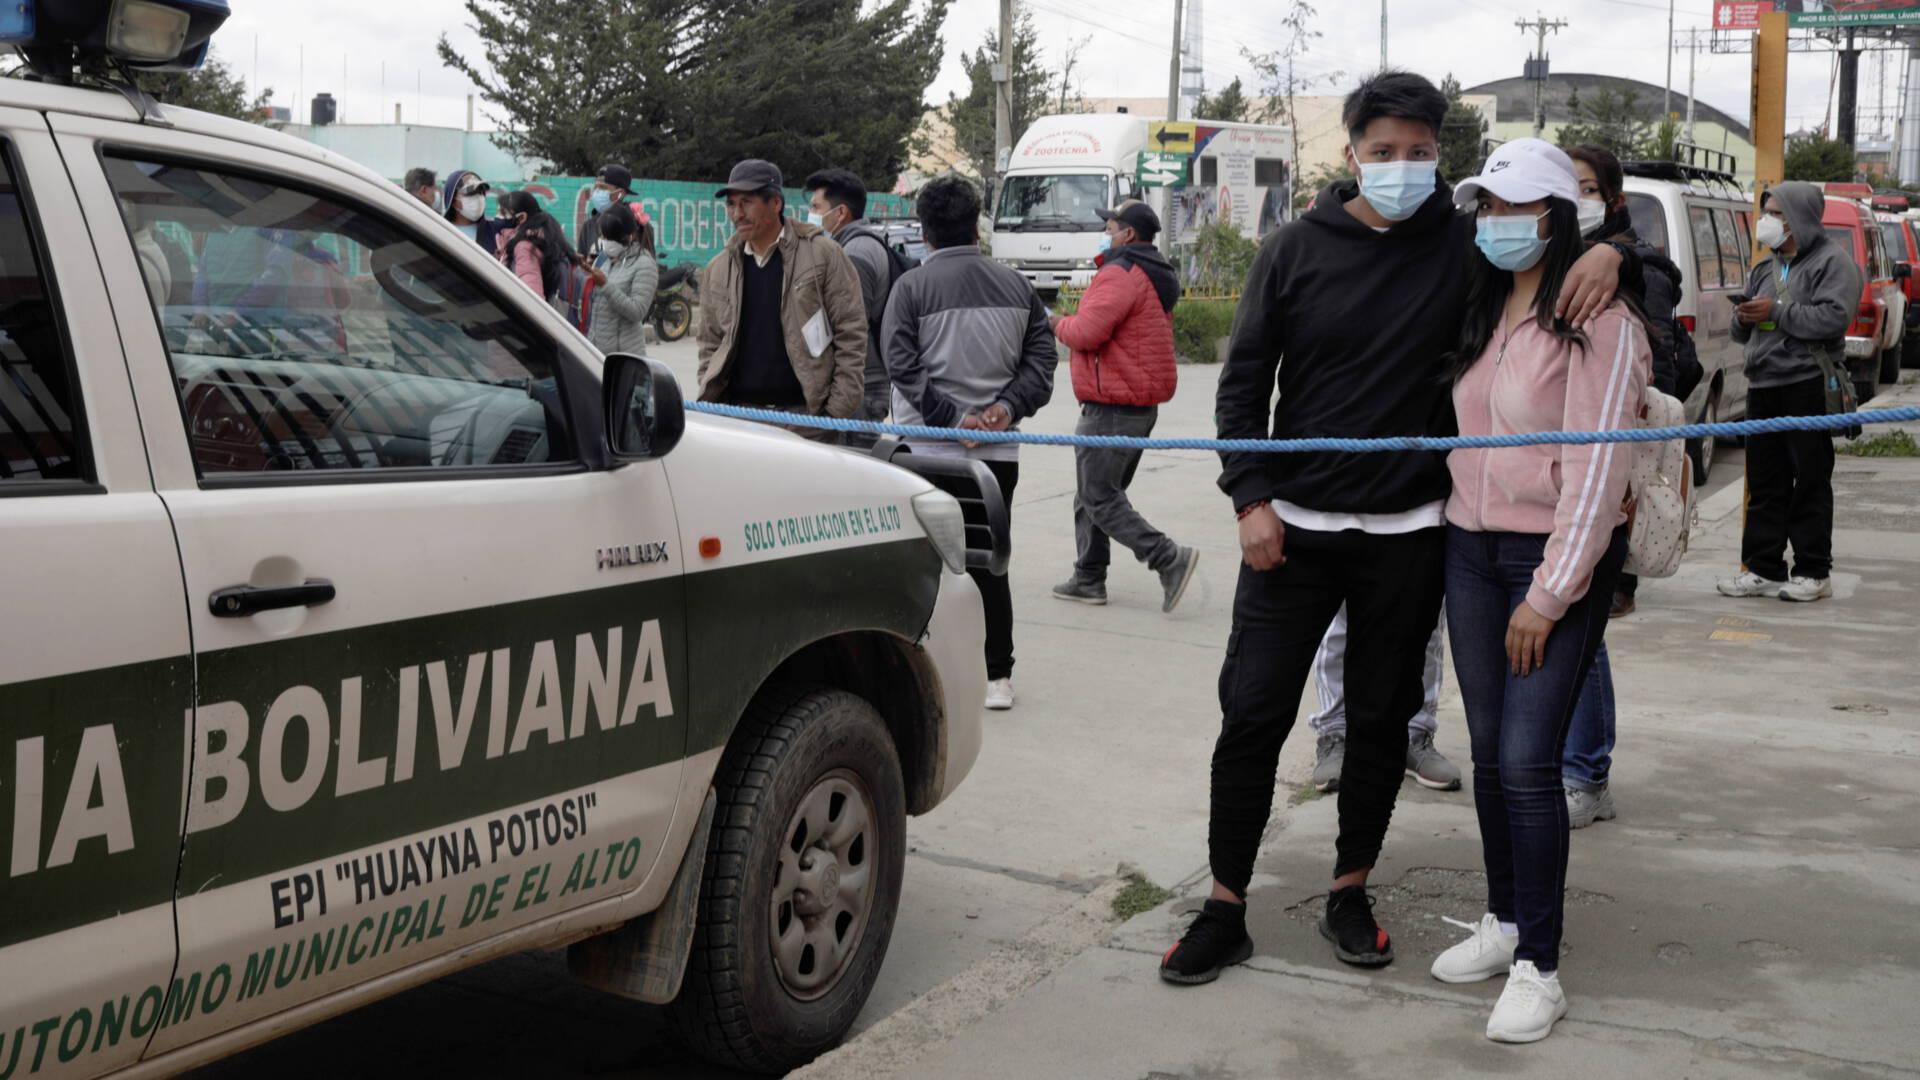 توفي سبعة طلاب بعد سقوطهم في مبنى جامعة بوليفيا